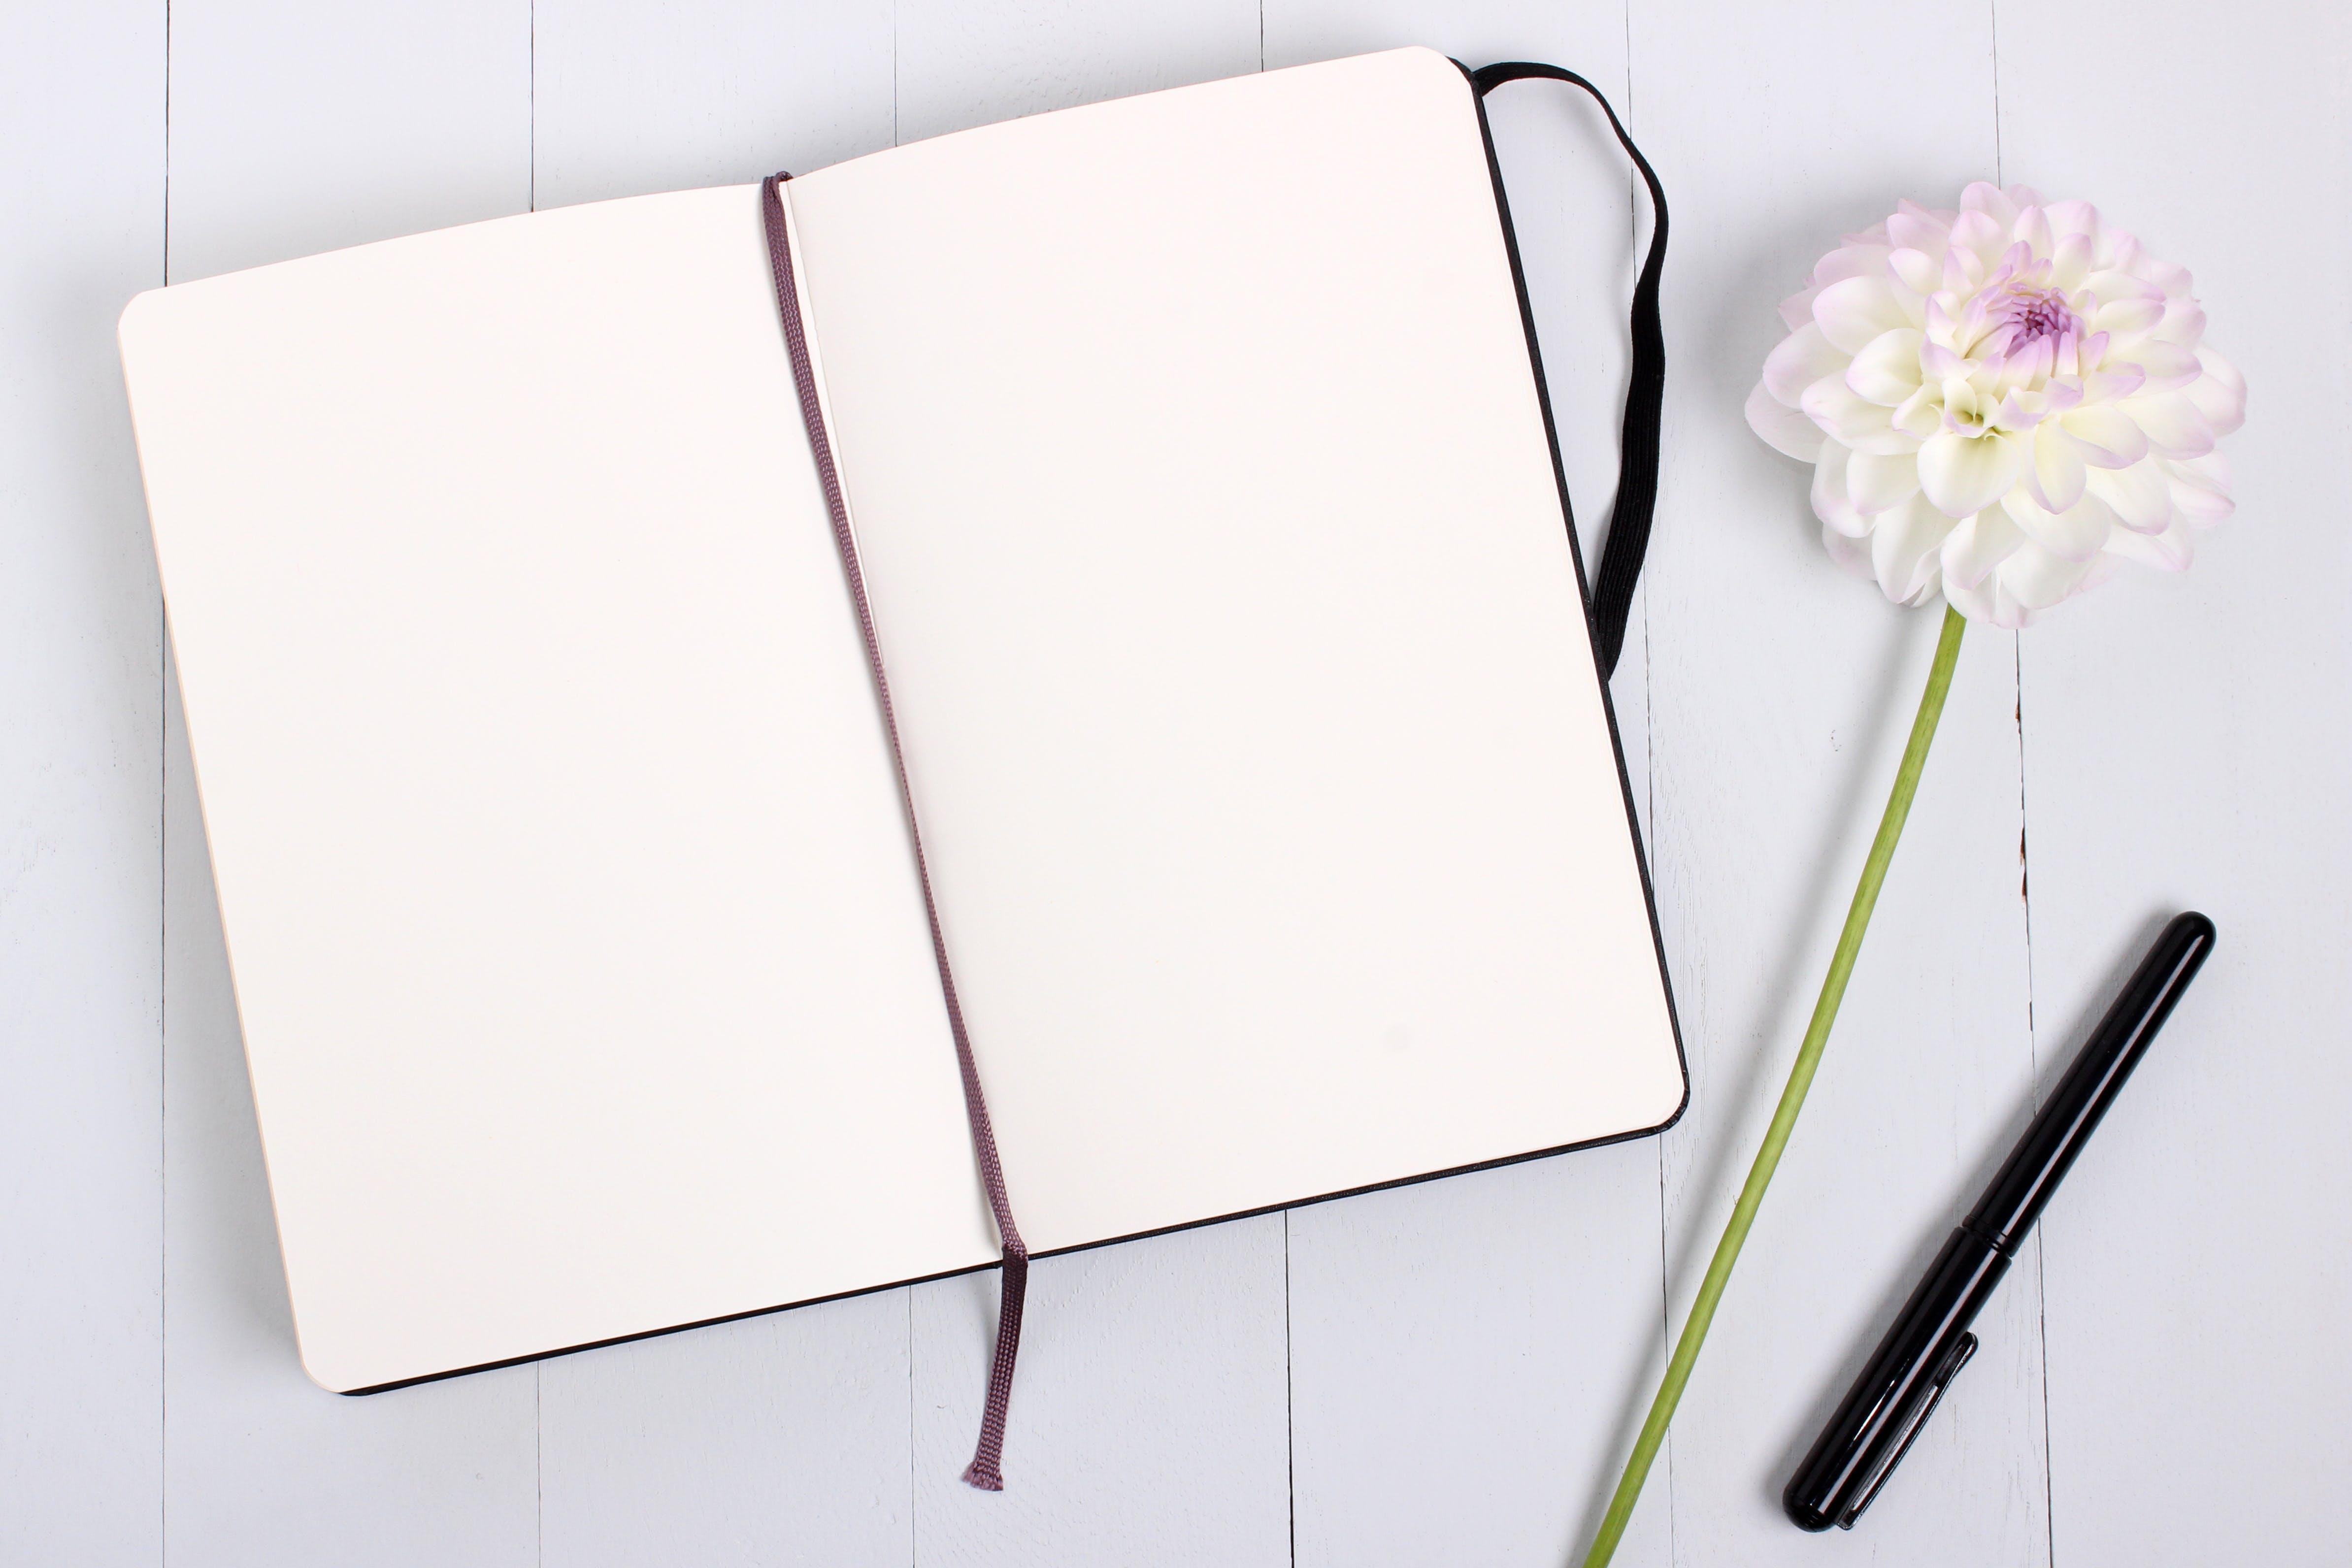 Kostenloses Stock Foto zu notizbuch, stift, blume, papier